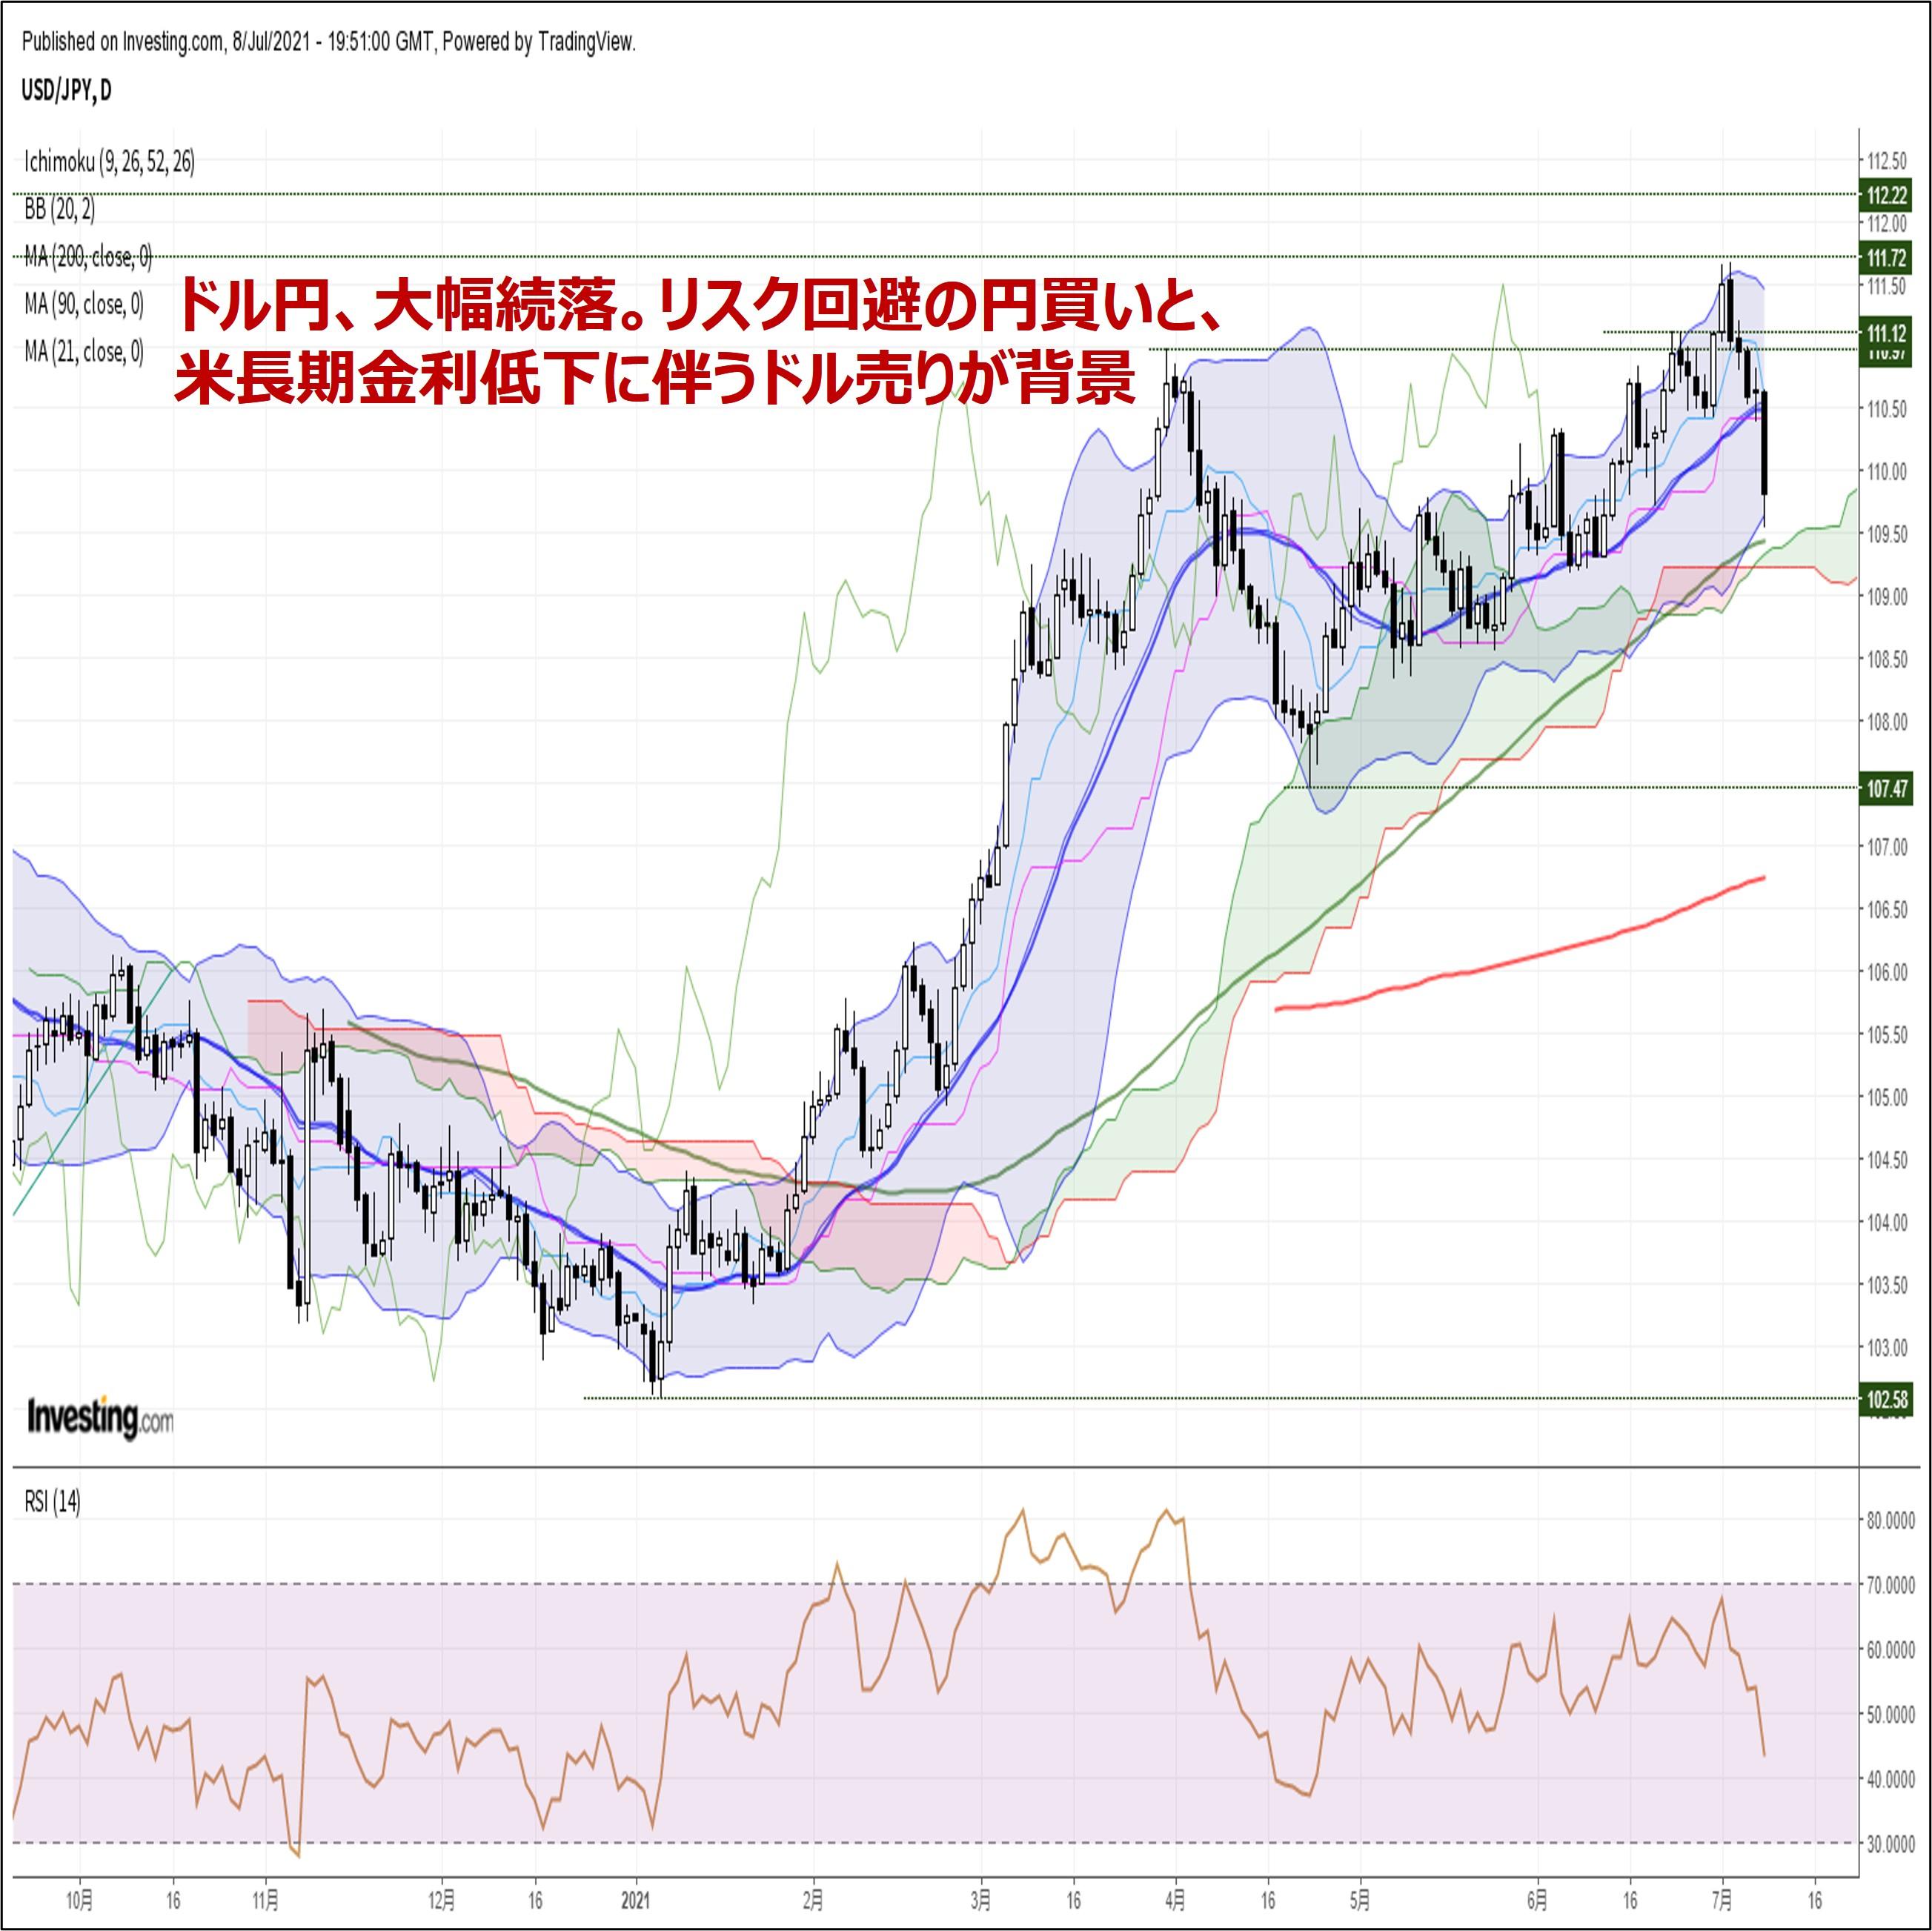 ドル円、大幅続落。リスク回避の円買いと、米長期金利低下に伴うドル売りが背景